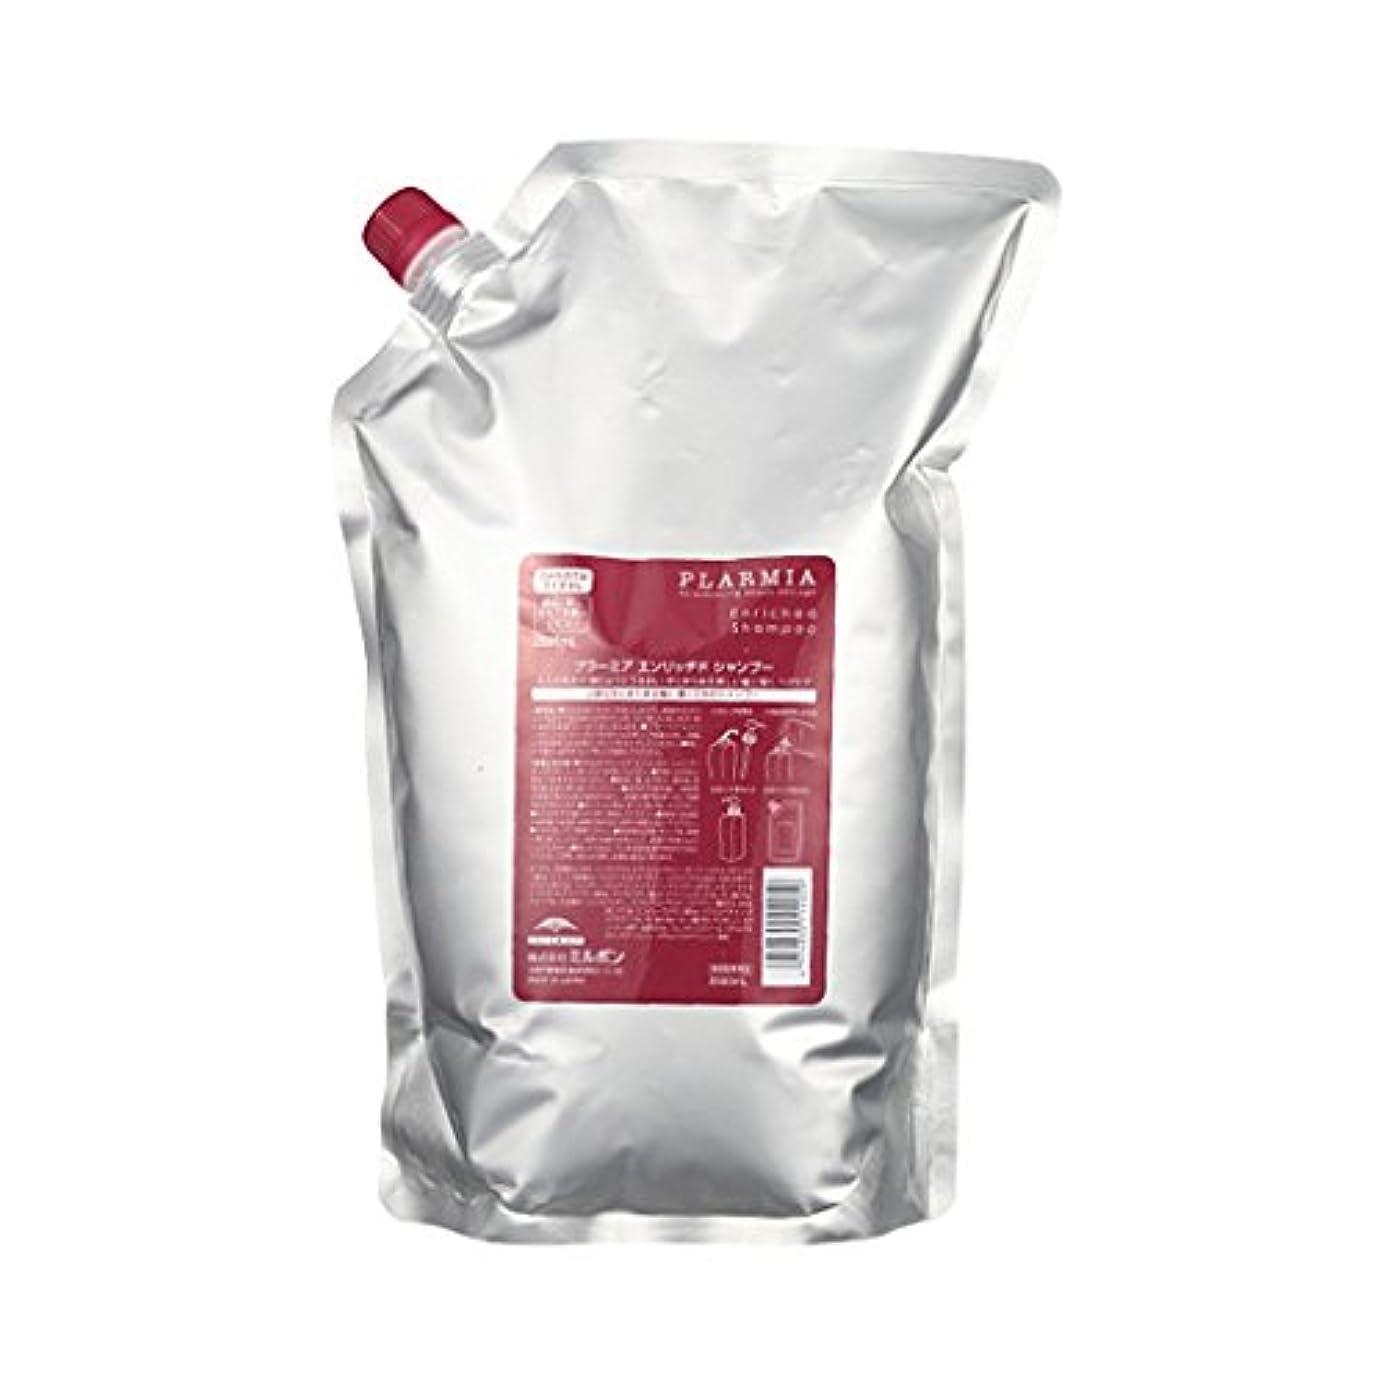 悪因子一掃するマオリミルボン プラーミア エンリッチド シャンプー (2500mlパック) 詰替用